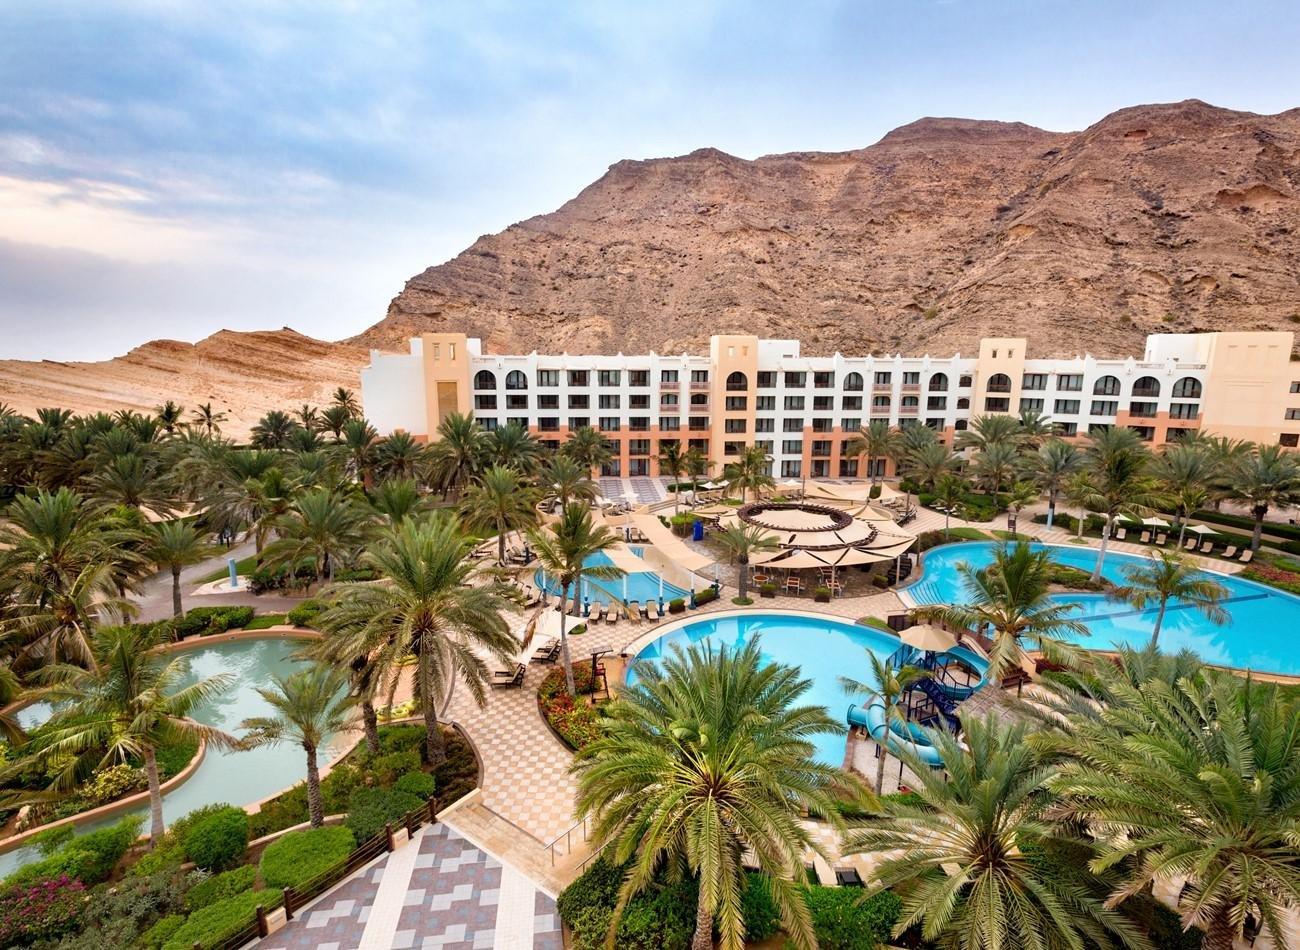 Hotel Shangri-La Al Waha zwembaden en resort - Muscat